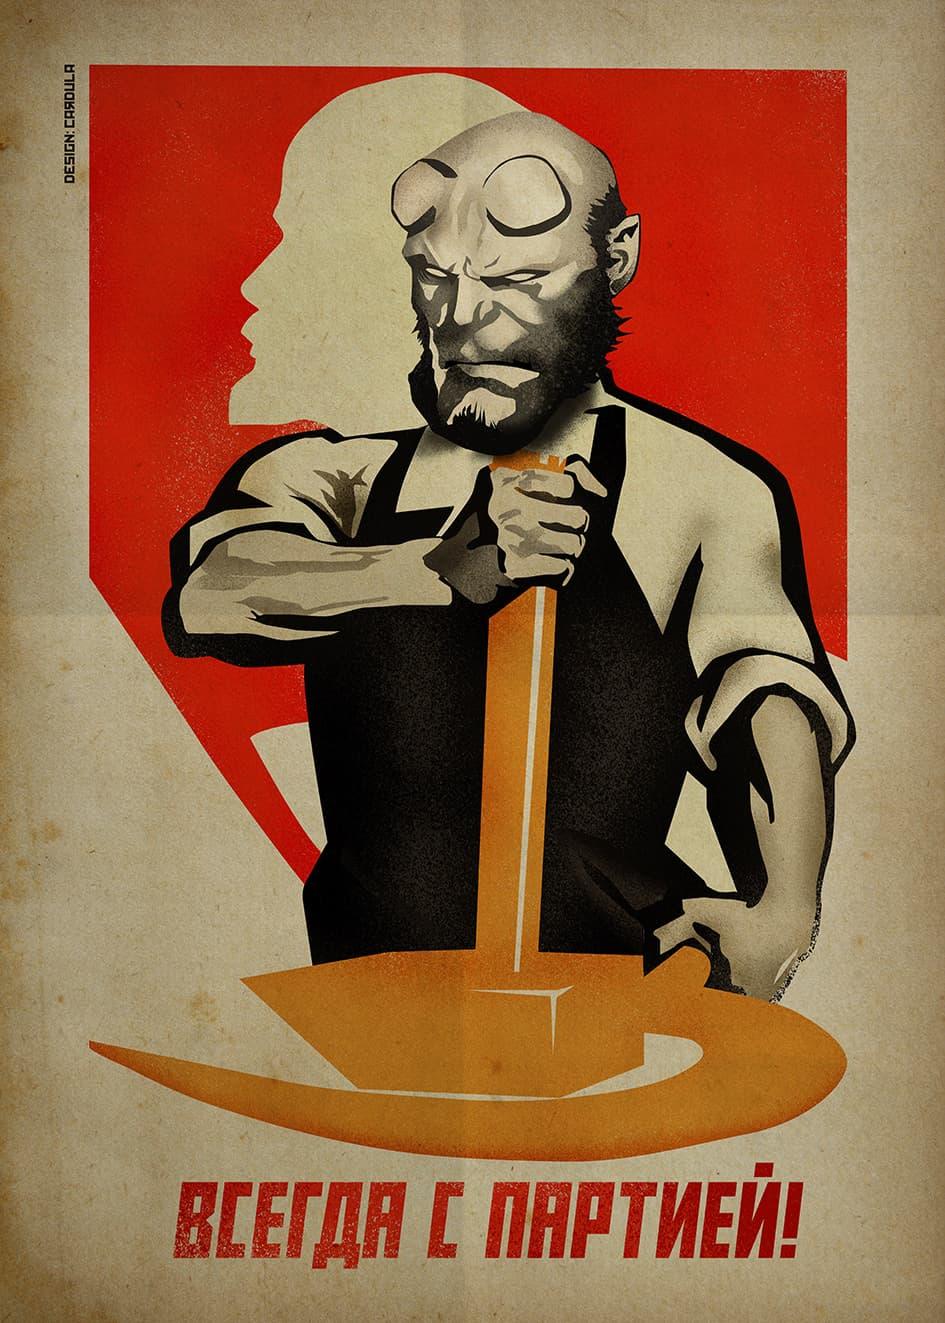 superheroes carteles sovieticos hellboy (6)